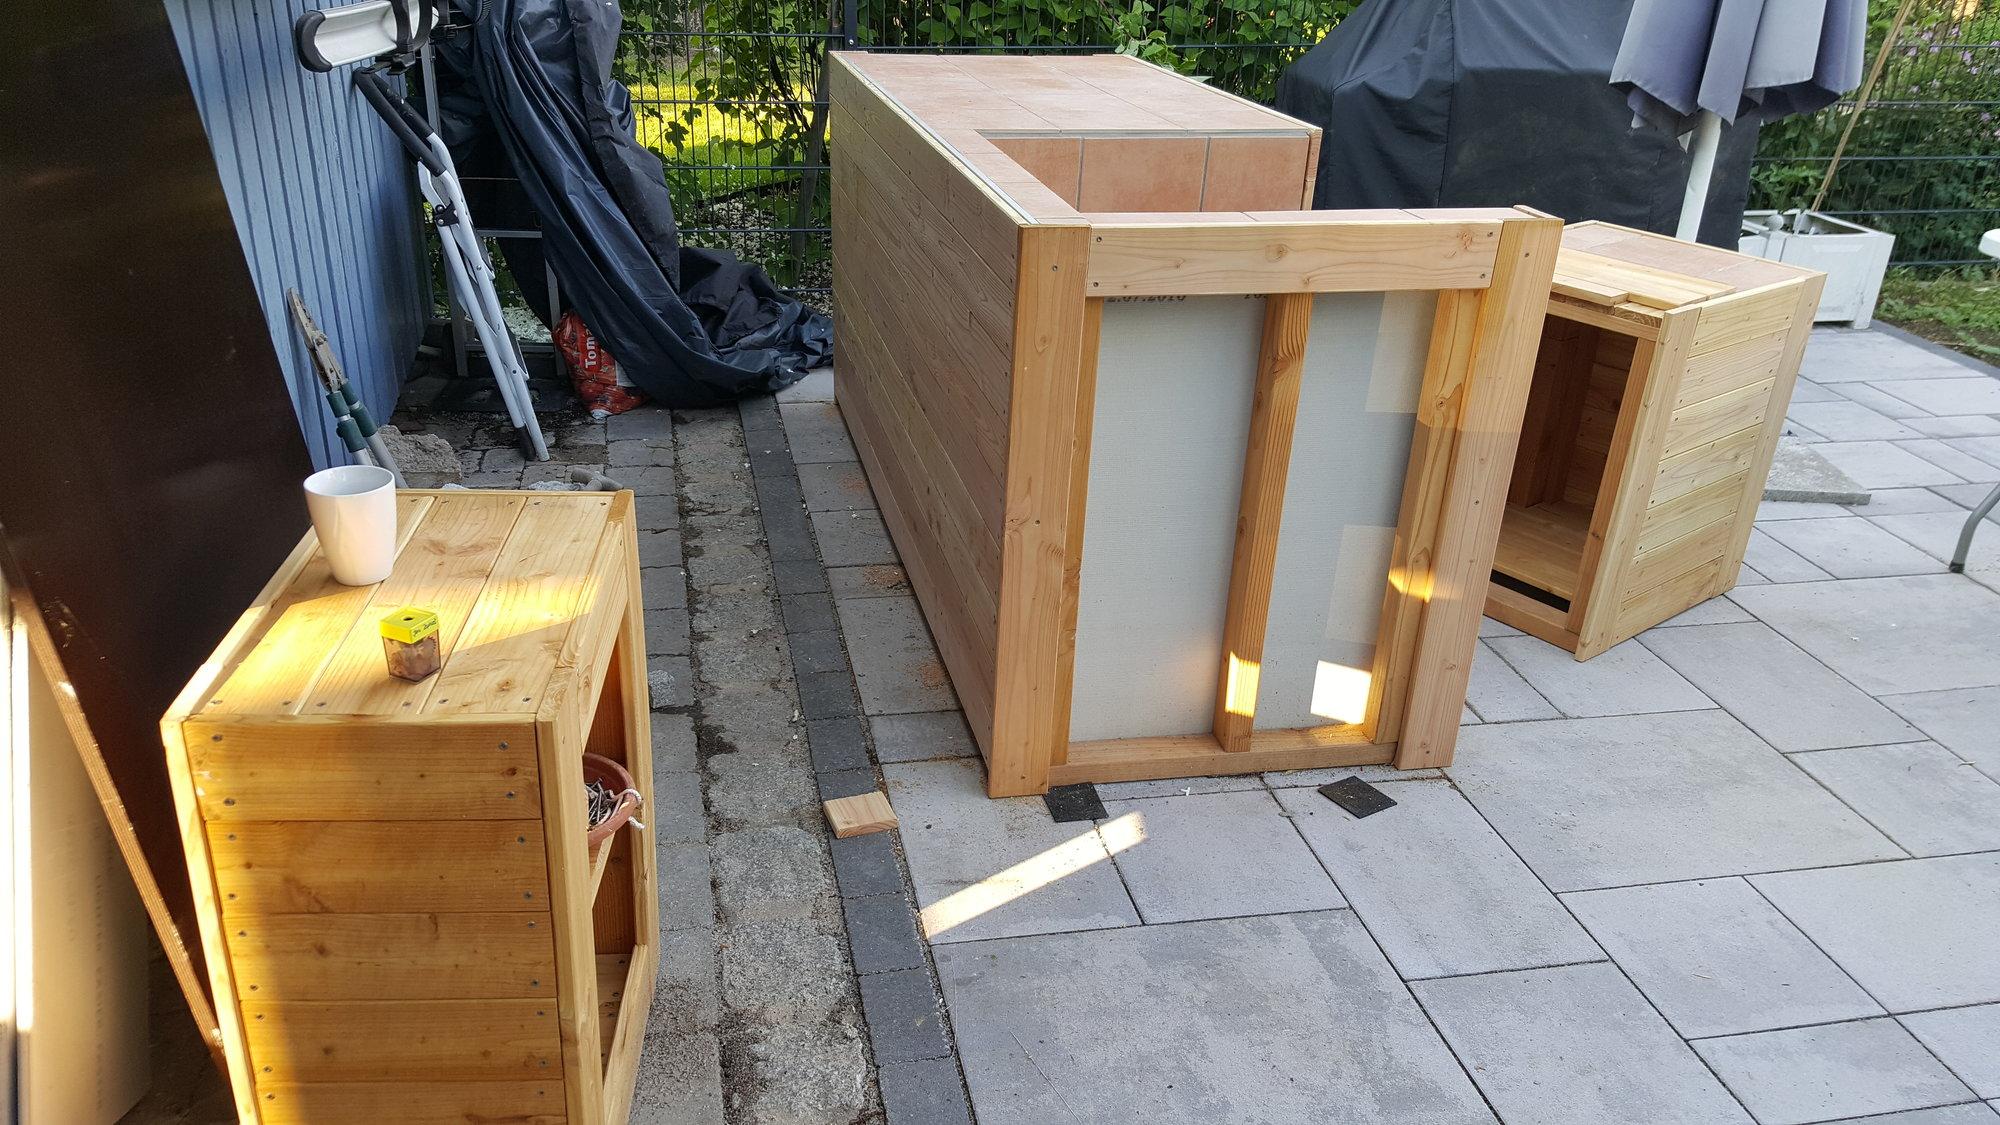 Kleine Outdoor Küche : Kleine outdoorküche in holzrahmenbauweiseseite grillforum und